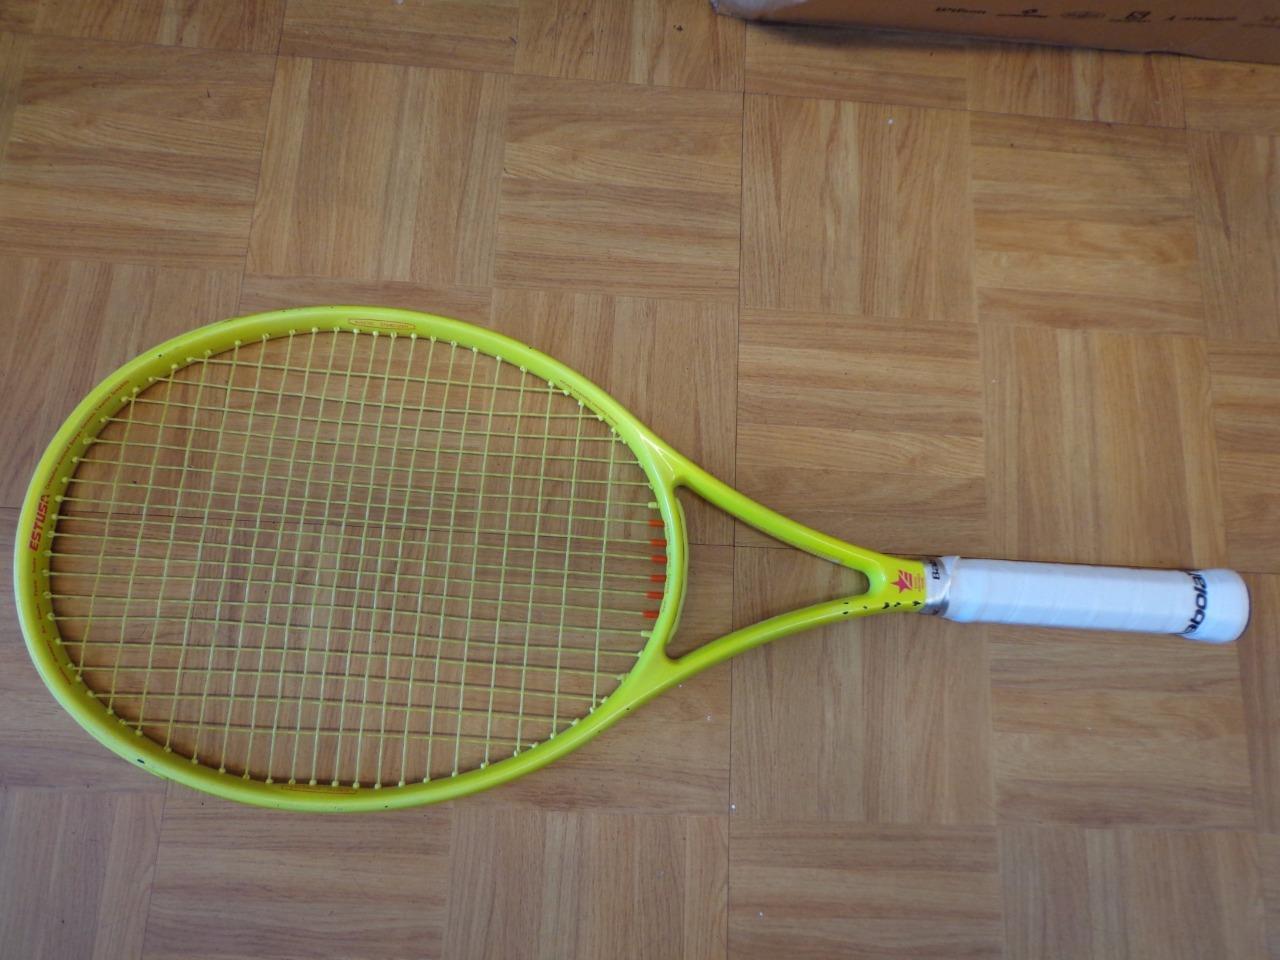 Estusa Jimmy Connors aerosupra BKS 4 3 8 Grip Tenis Raqueta